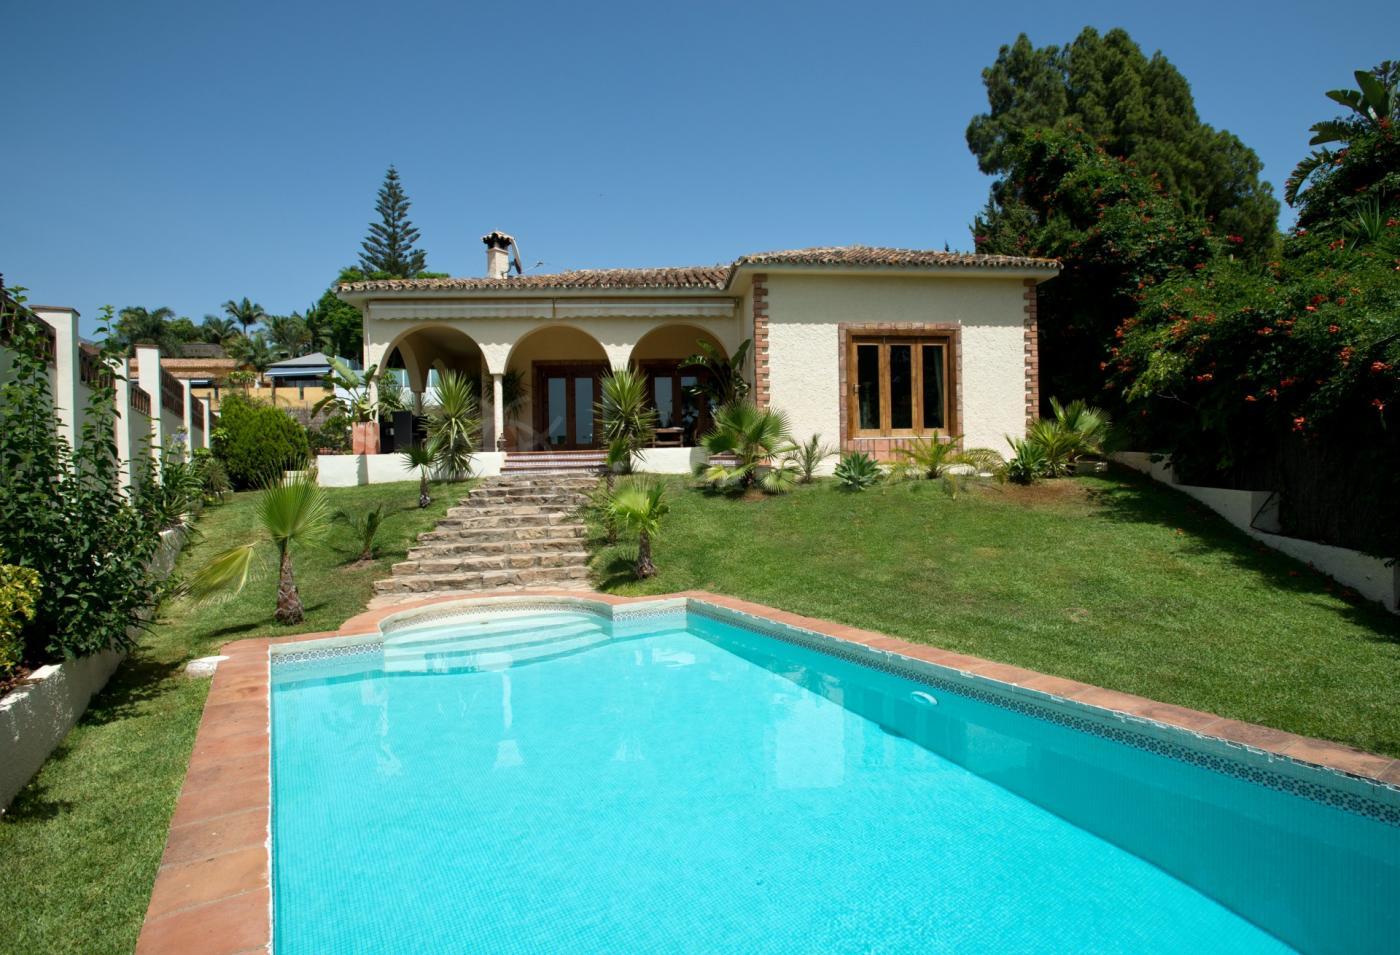 3 Bedroom Villa for Sale in Marbella |